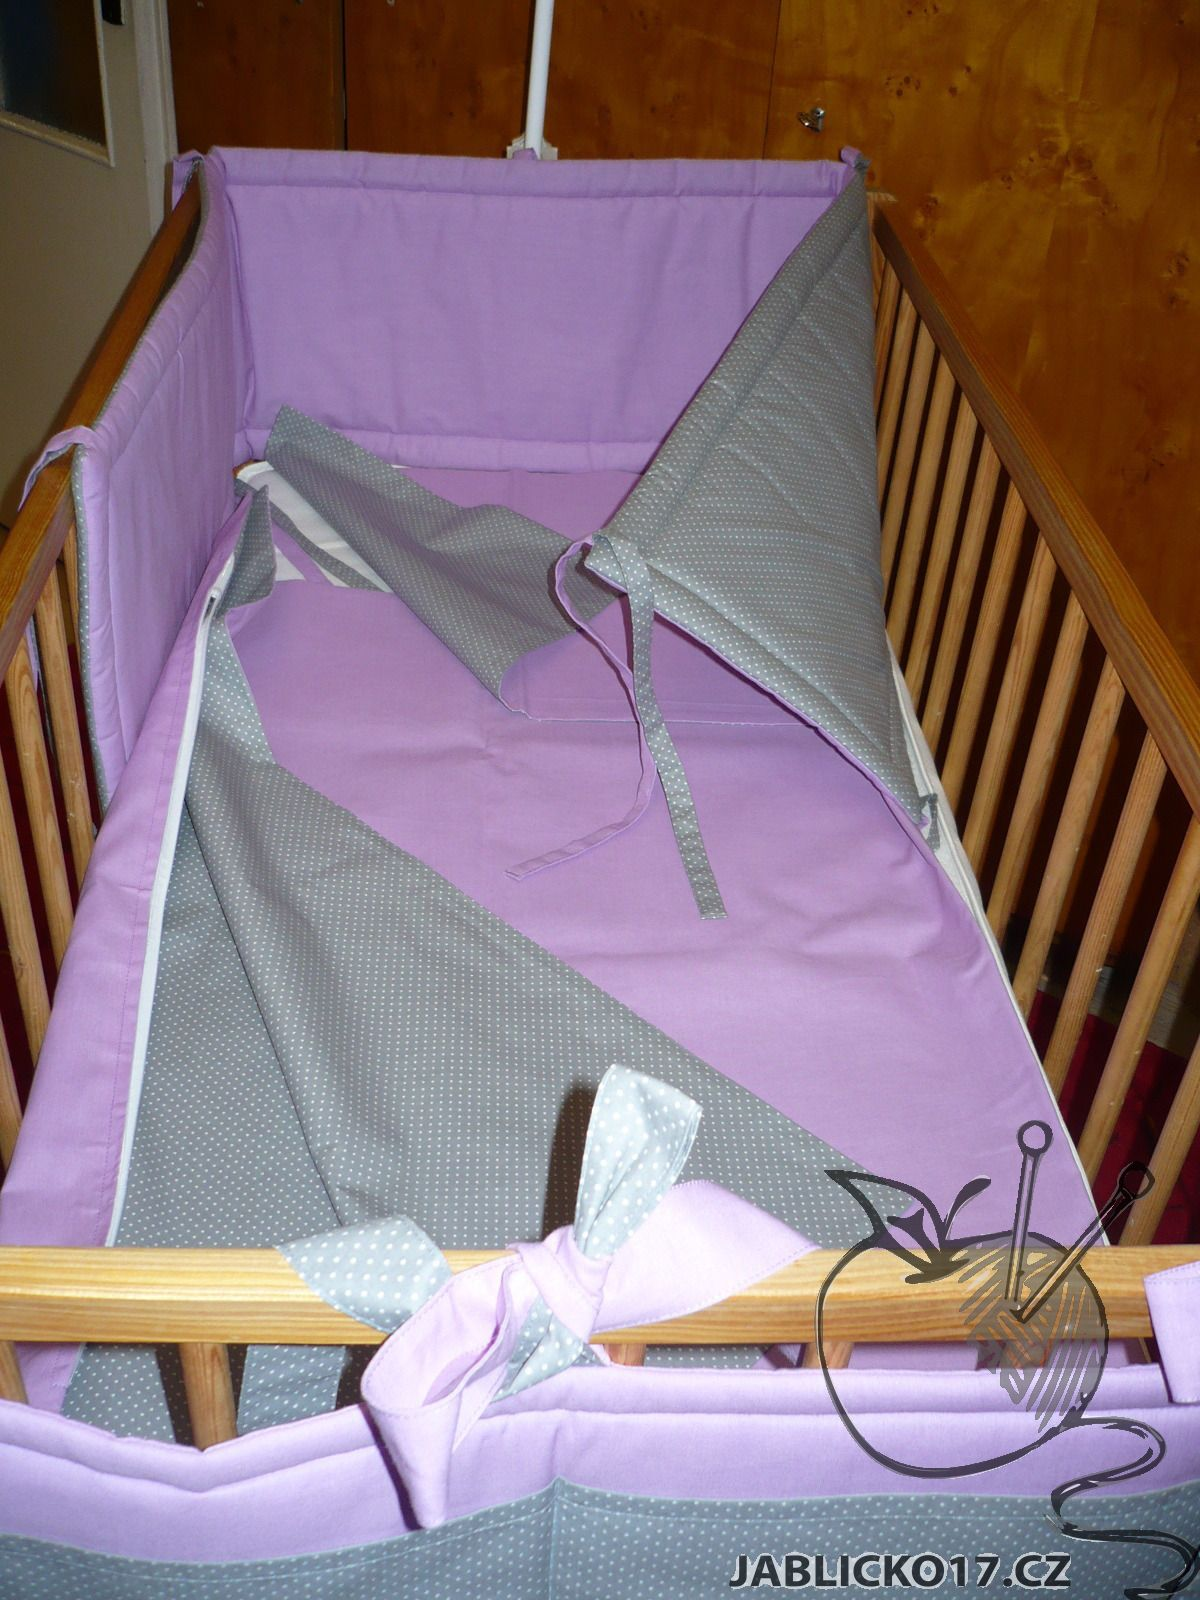 Rovný mantinel  - fialová, šedá (více variant)